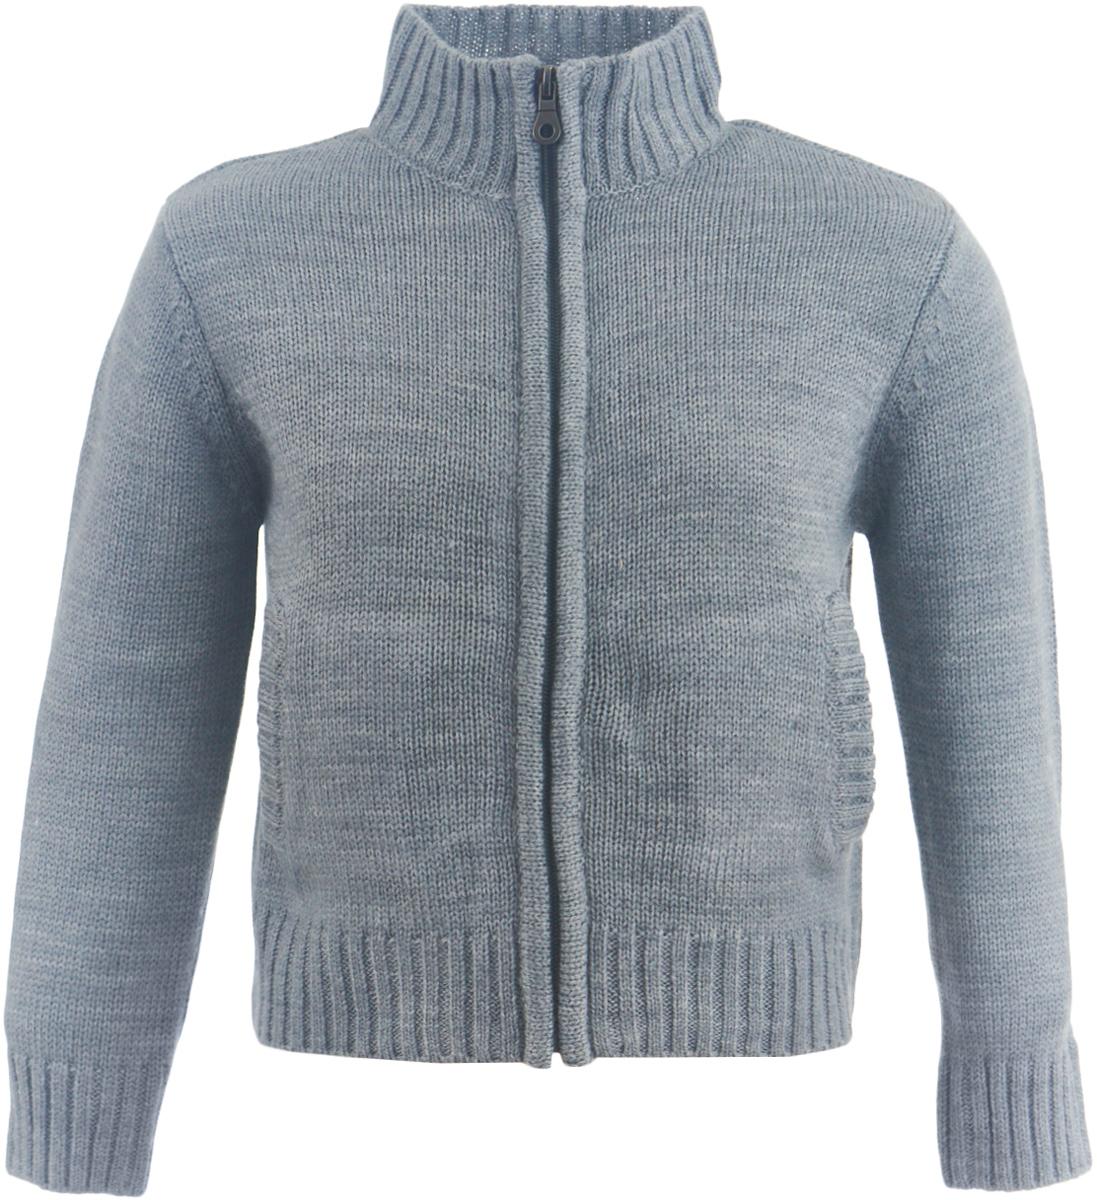 Кофта для девочки Button Blue, цвет: темно-серый. 217BBGC35032300. Размер 146, 11 лет217BBGC35032300Теплая вязаная кофта на молнии - базовая модель в зимнем гардеробе ребенка. Спокойная свободная форма, мягкий силуэт делают эту кофту отличным дополнением к любому комплекту с брюками или юбкой. Ваша желание купить детскую кофту недорого увенчается успехом, если вы обратите внимание на достойную модель от Button Blue. Кофта - отличный вариант для тех, кто ценит тепло, уют и комфорт.